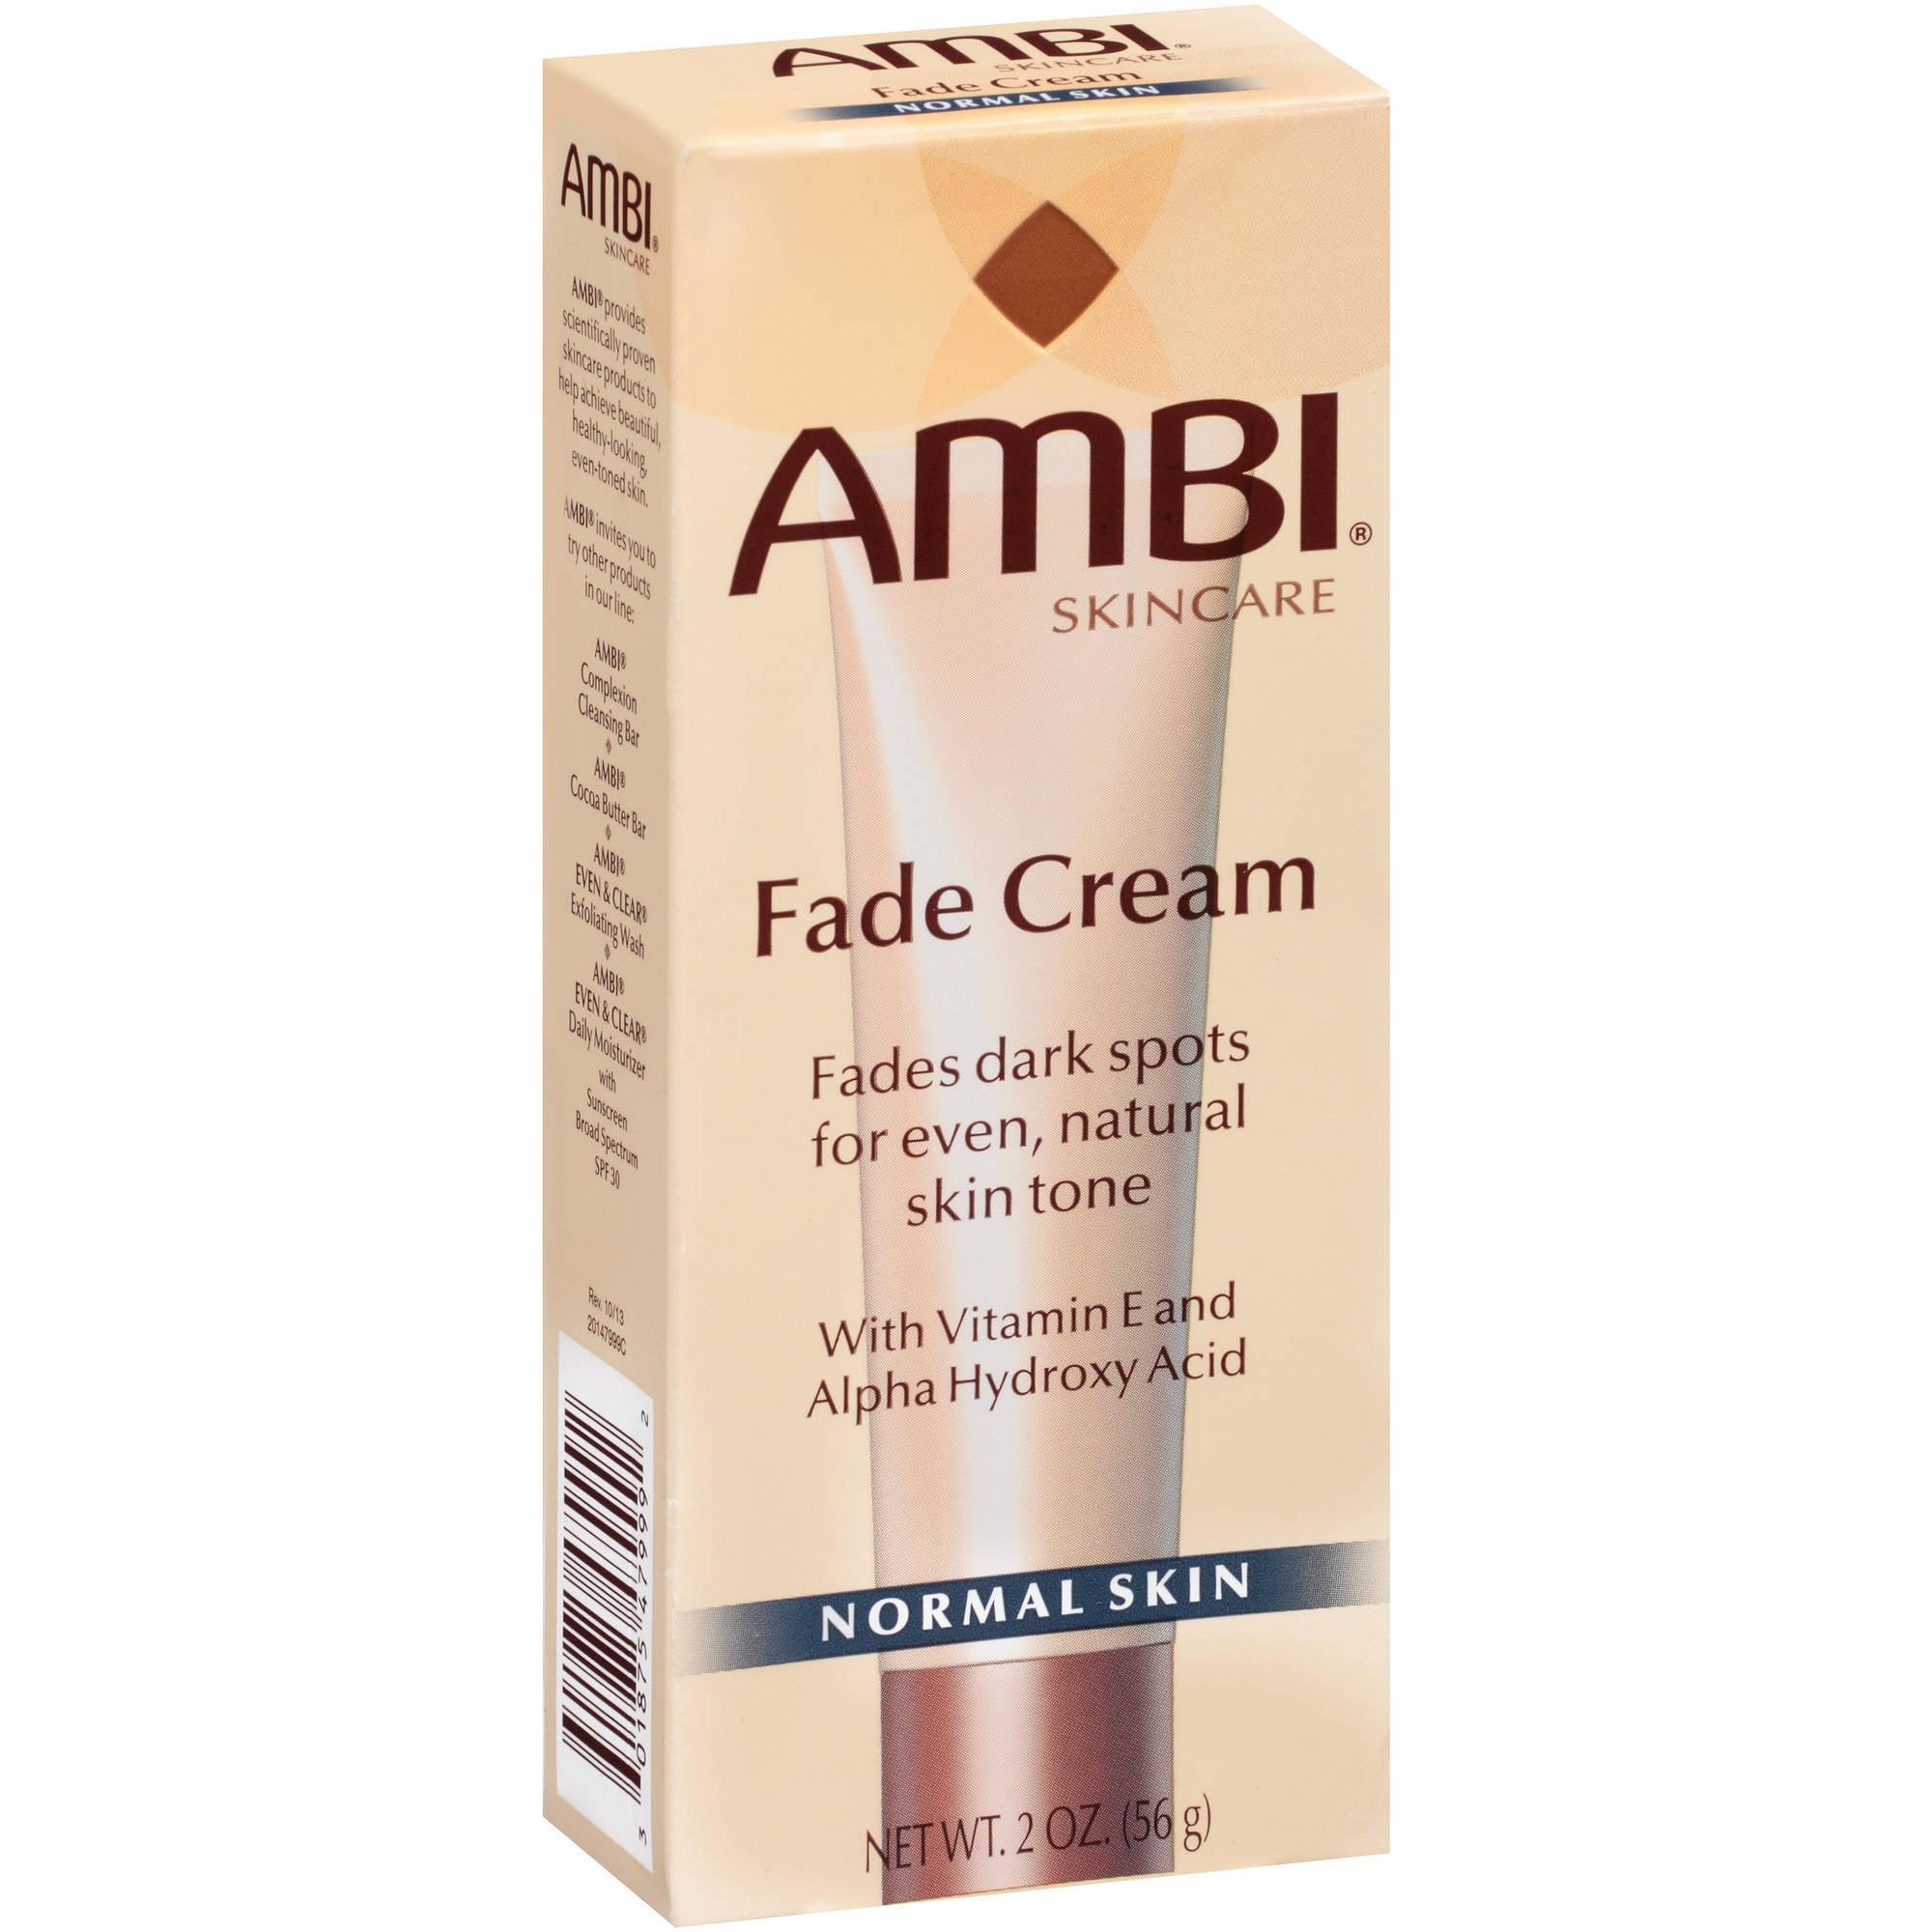 Ambi Skincare Fade Cream for Normal Skin, 2 oz